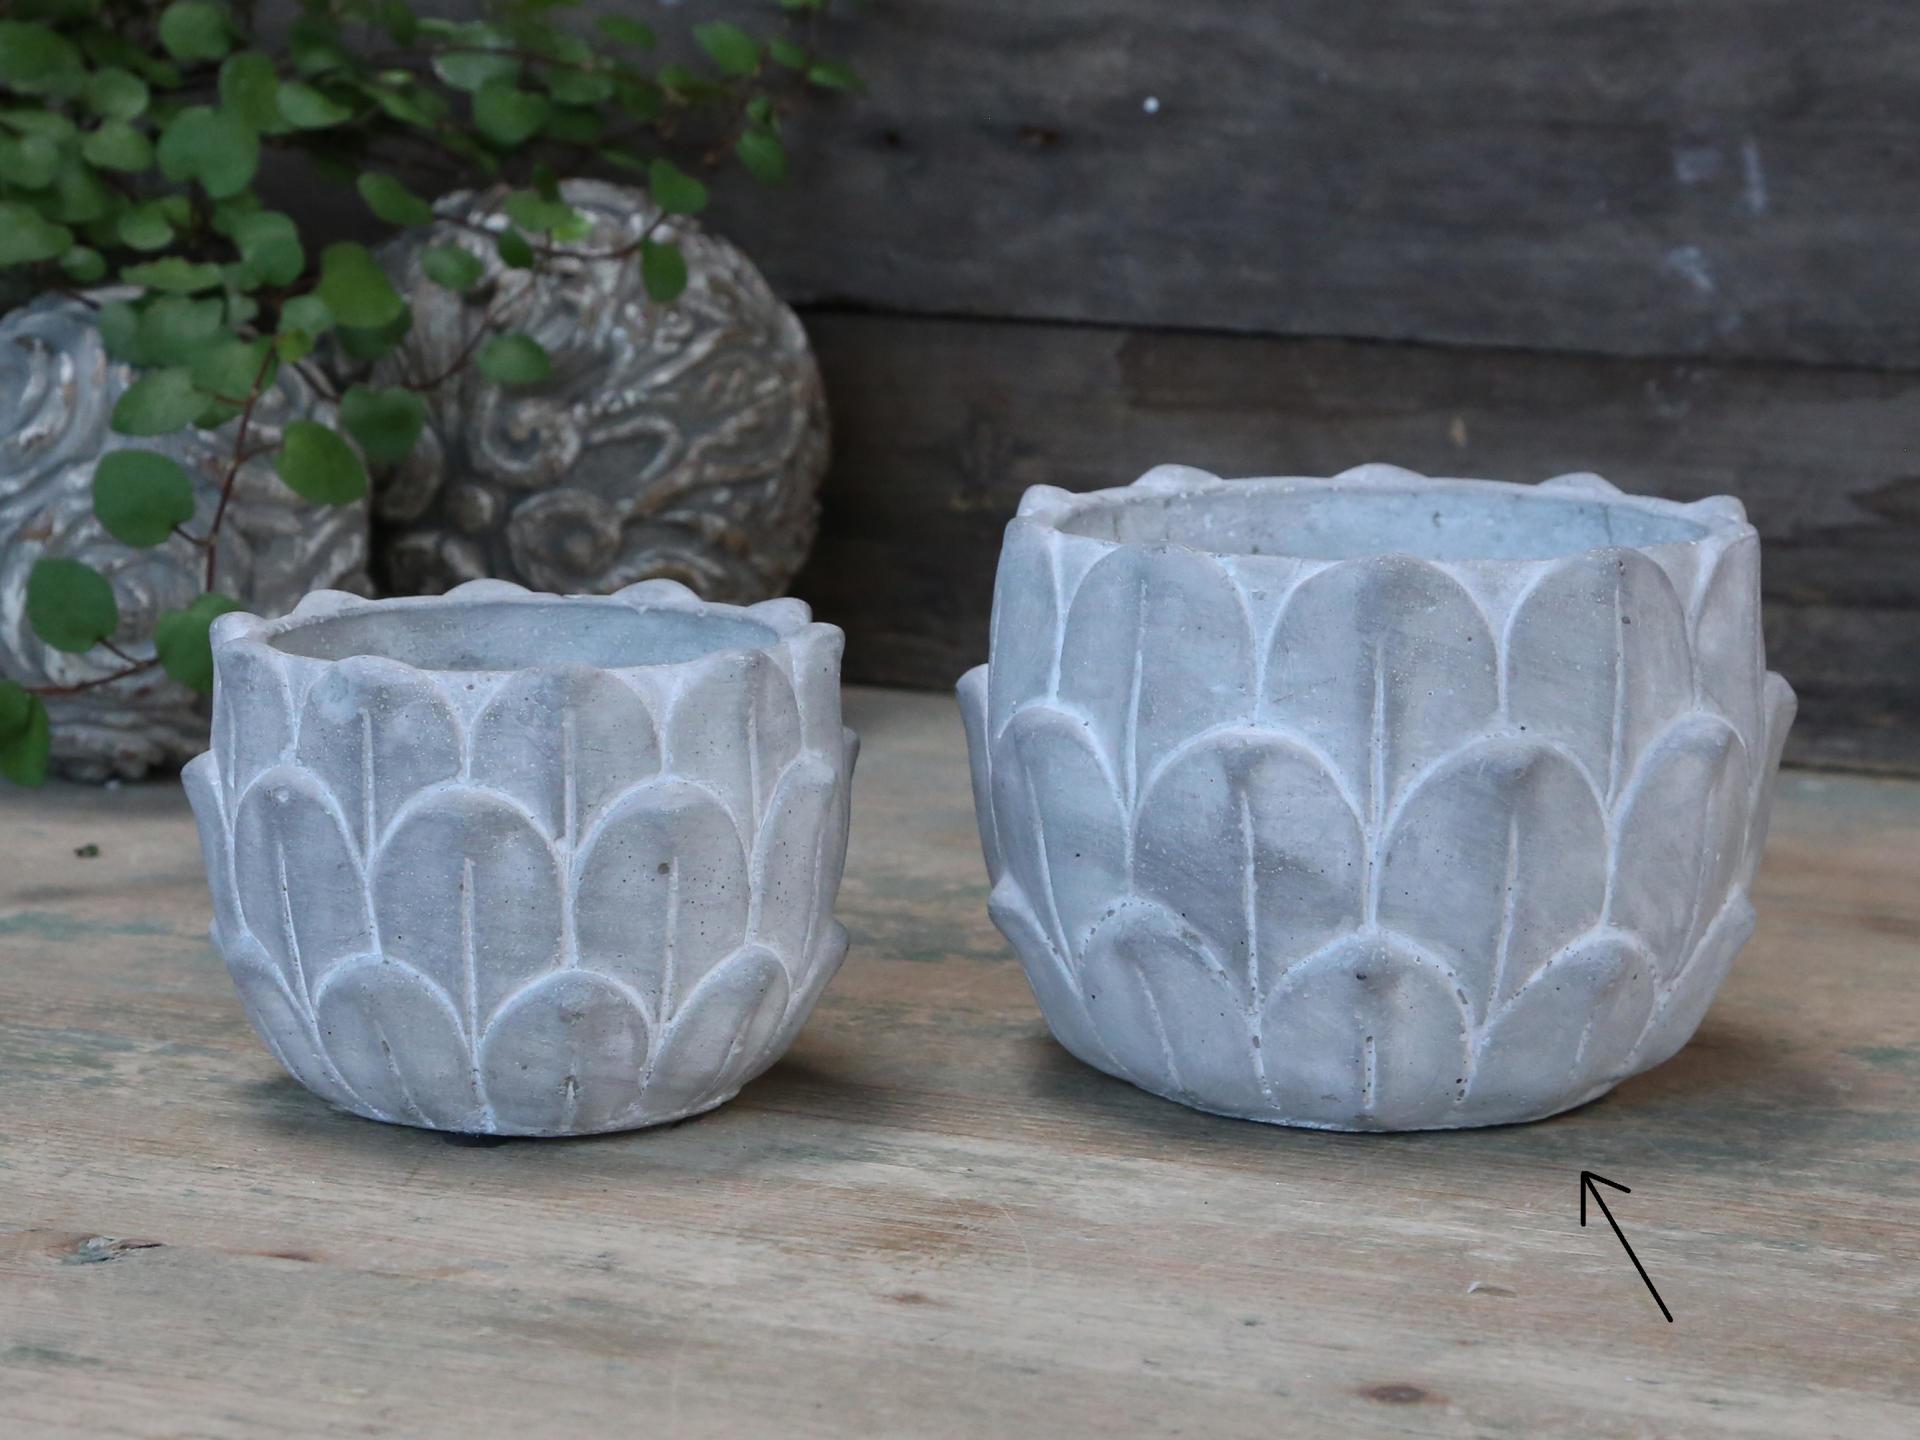 Chic Antique Obal na květiny Lotos Concrete - větší, šedá barva, beton